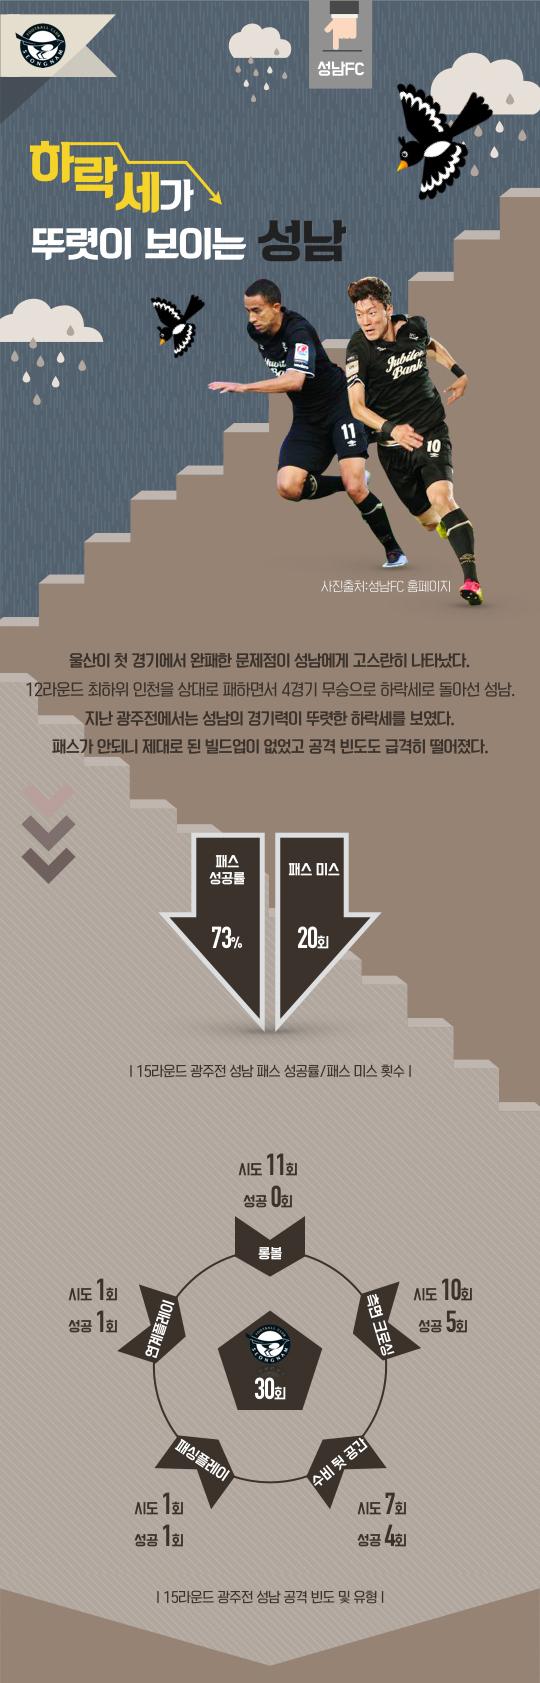 16R 성남전 프리뷰 4.jpg